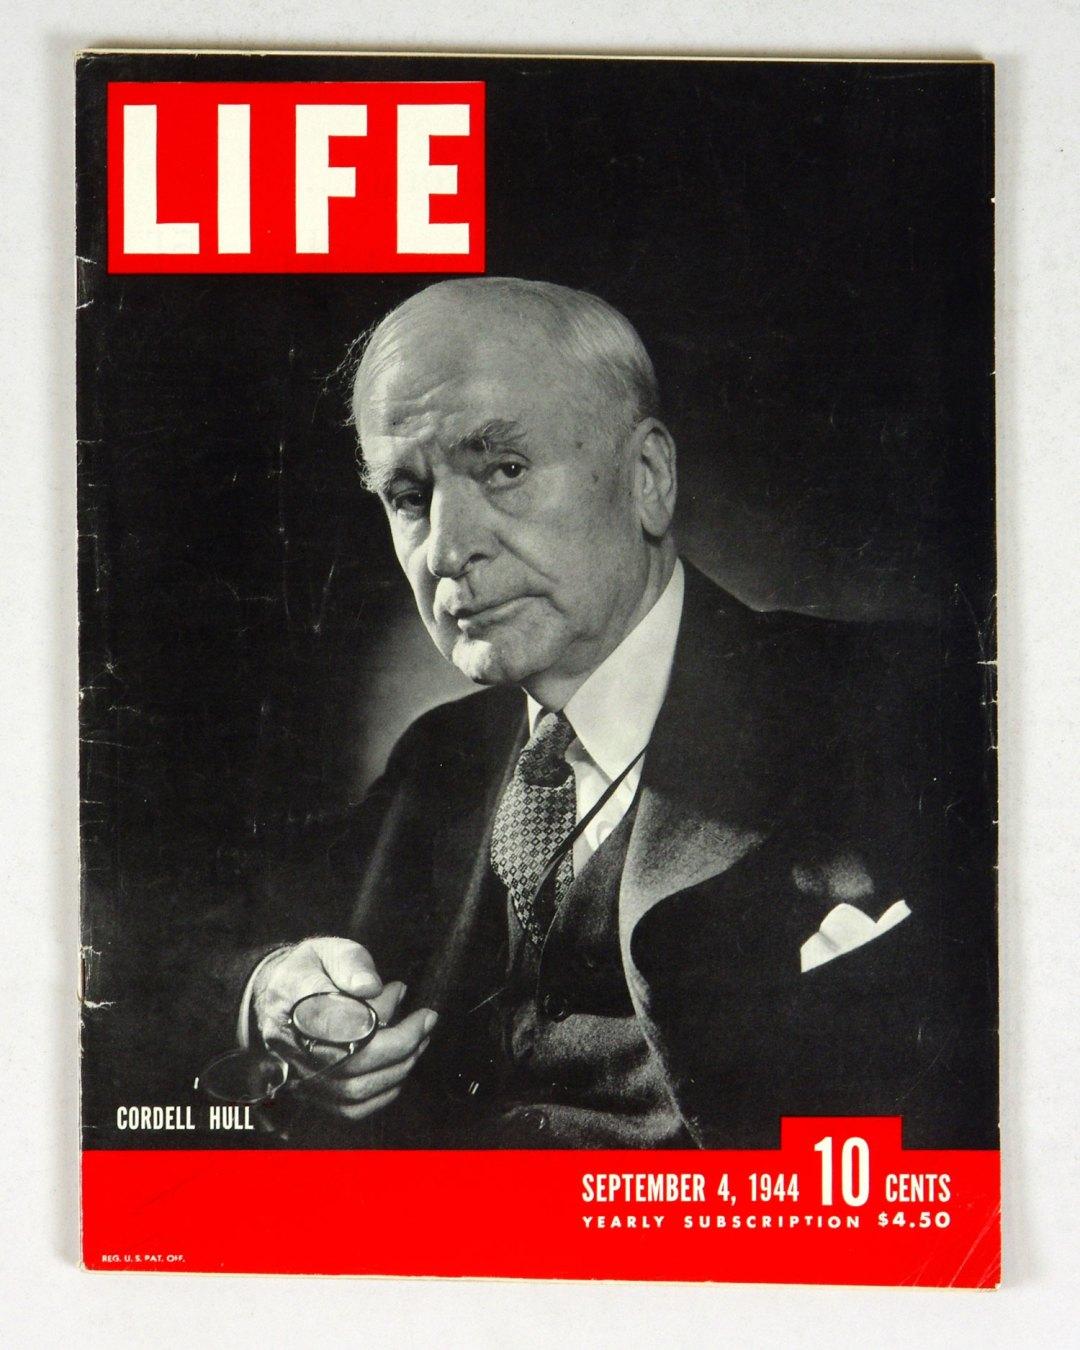 LIFE Magazine 1944 September 4 Cordell Hull